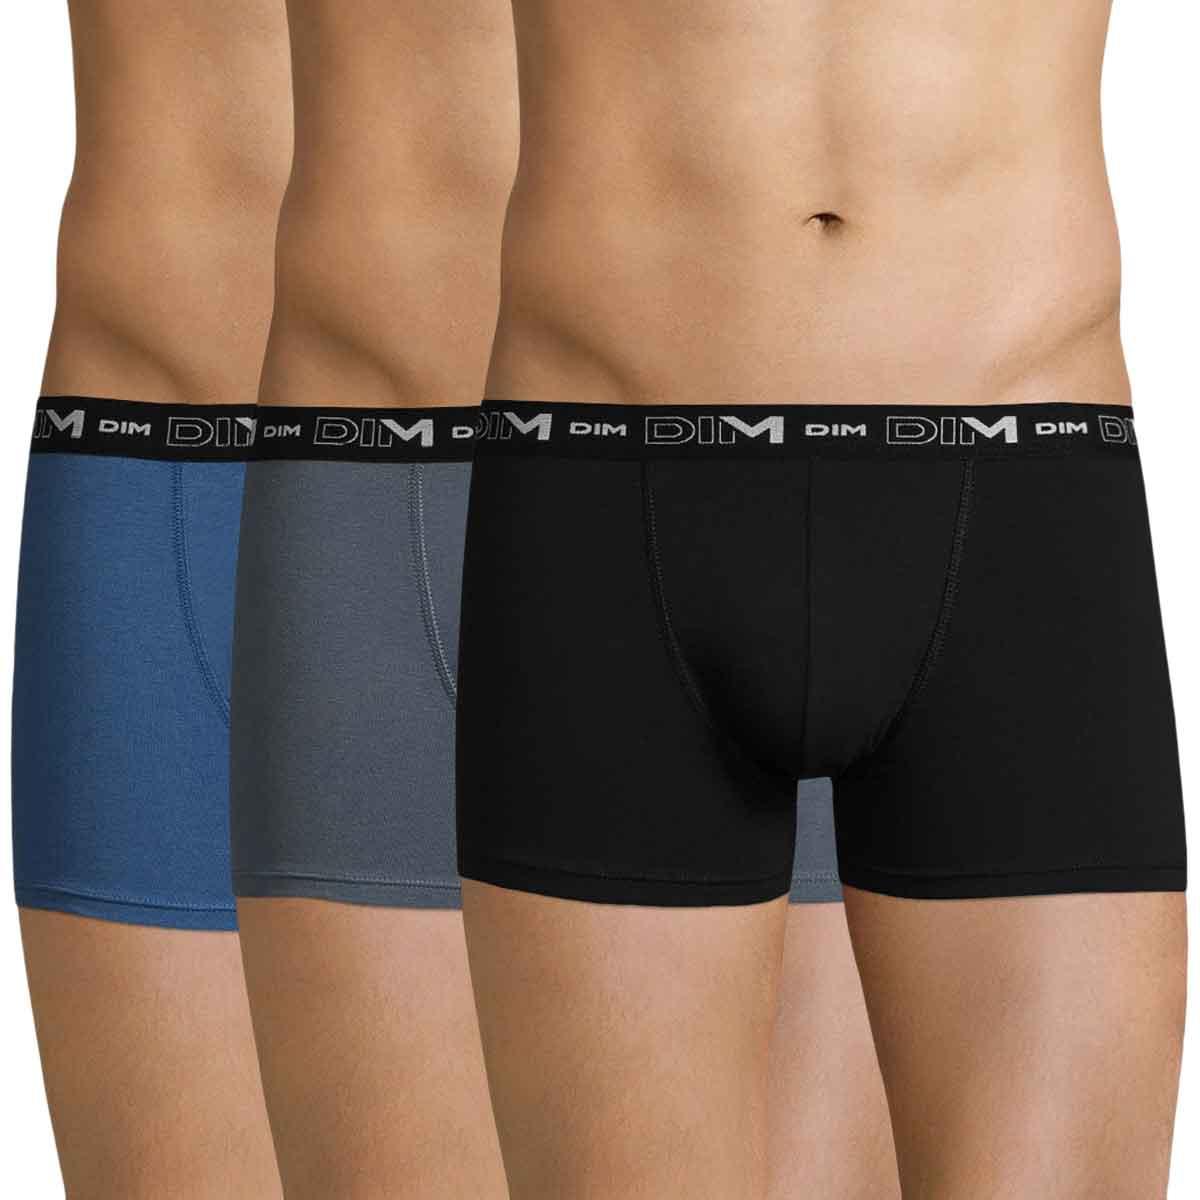 Lot de 3 boxers bleu, gris et noir Coton Stretch